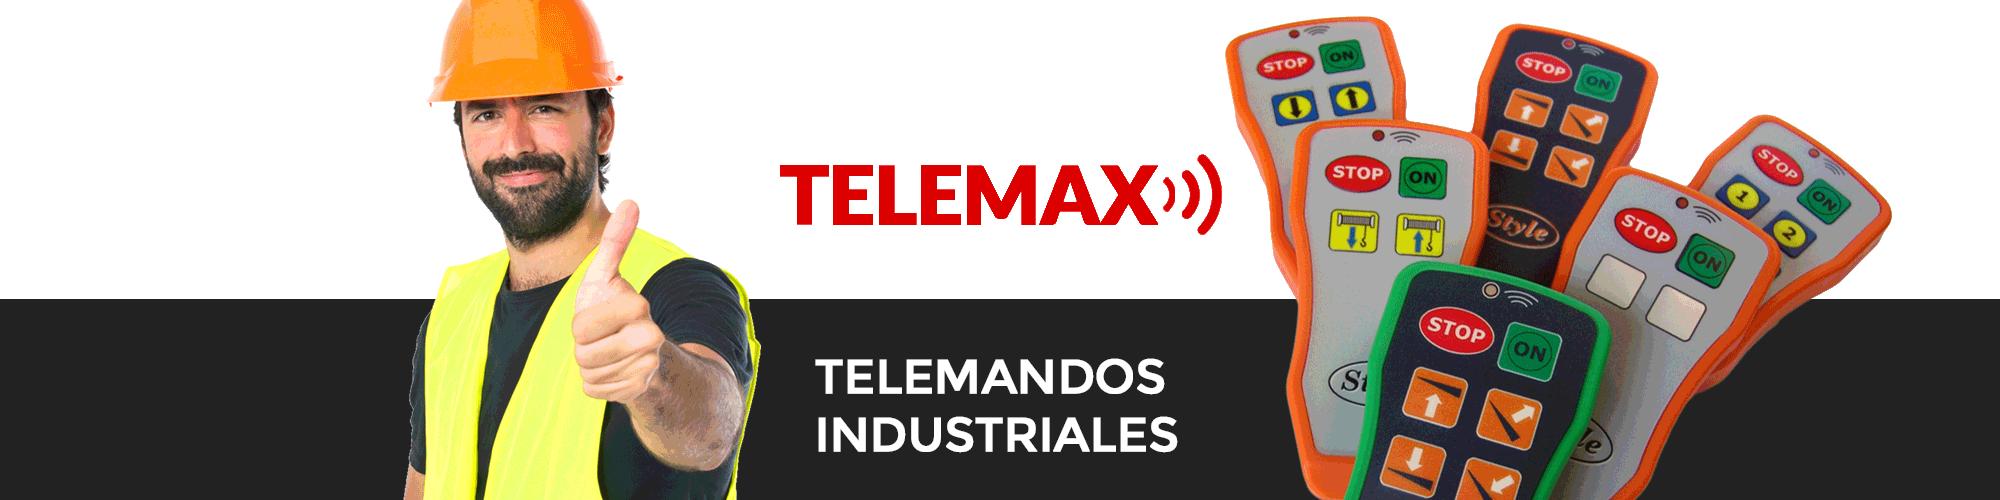 Telemax | Fabricación y Venta de Mandos Grúas, Mandos Zepro, Mandos Dhollandia, Mandos Cabrestante.